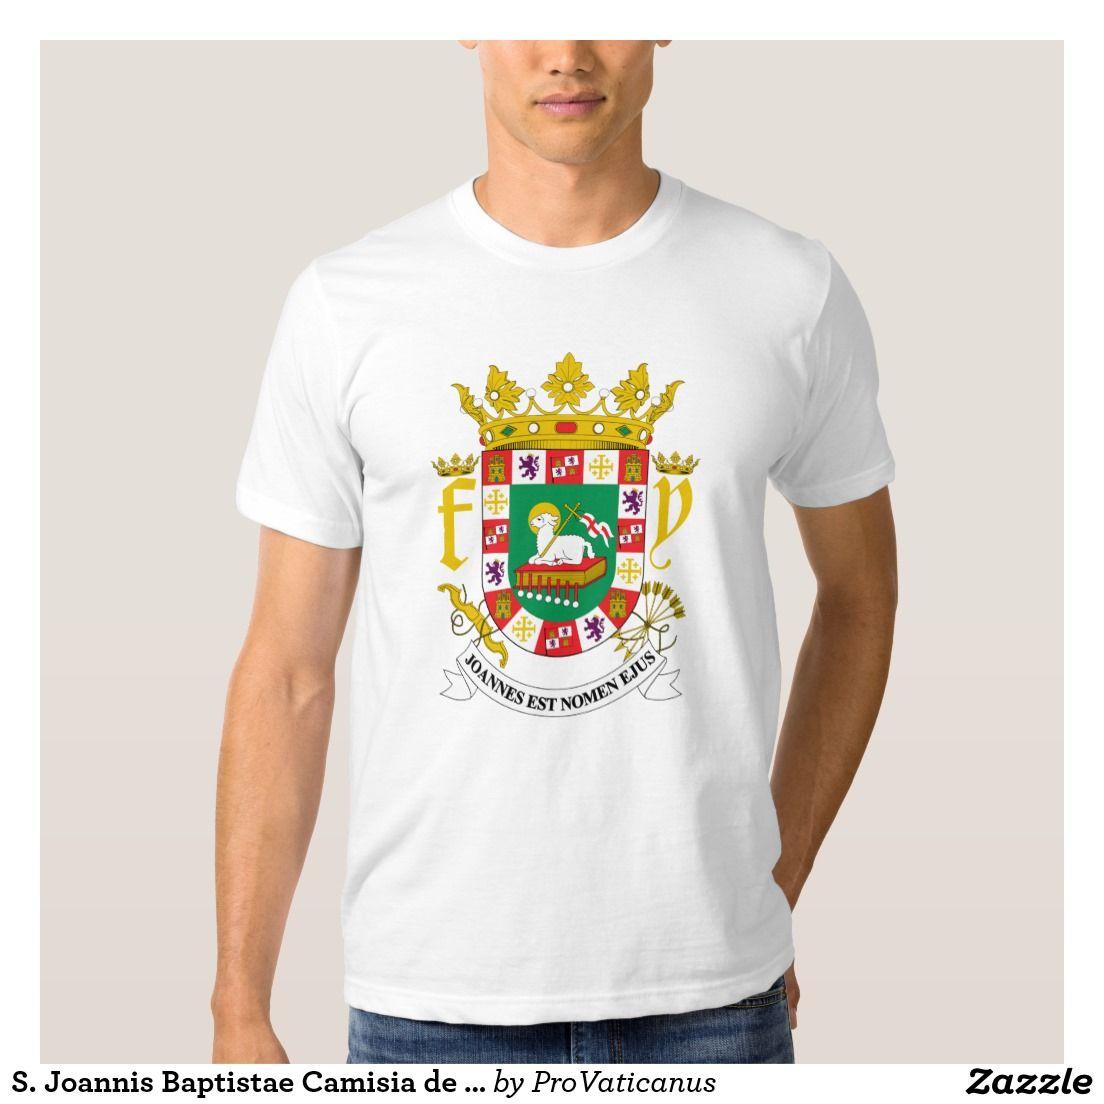 CAMISETAS Y TOPS - Camisetas Simbols Culture qc24mLPSEj